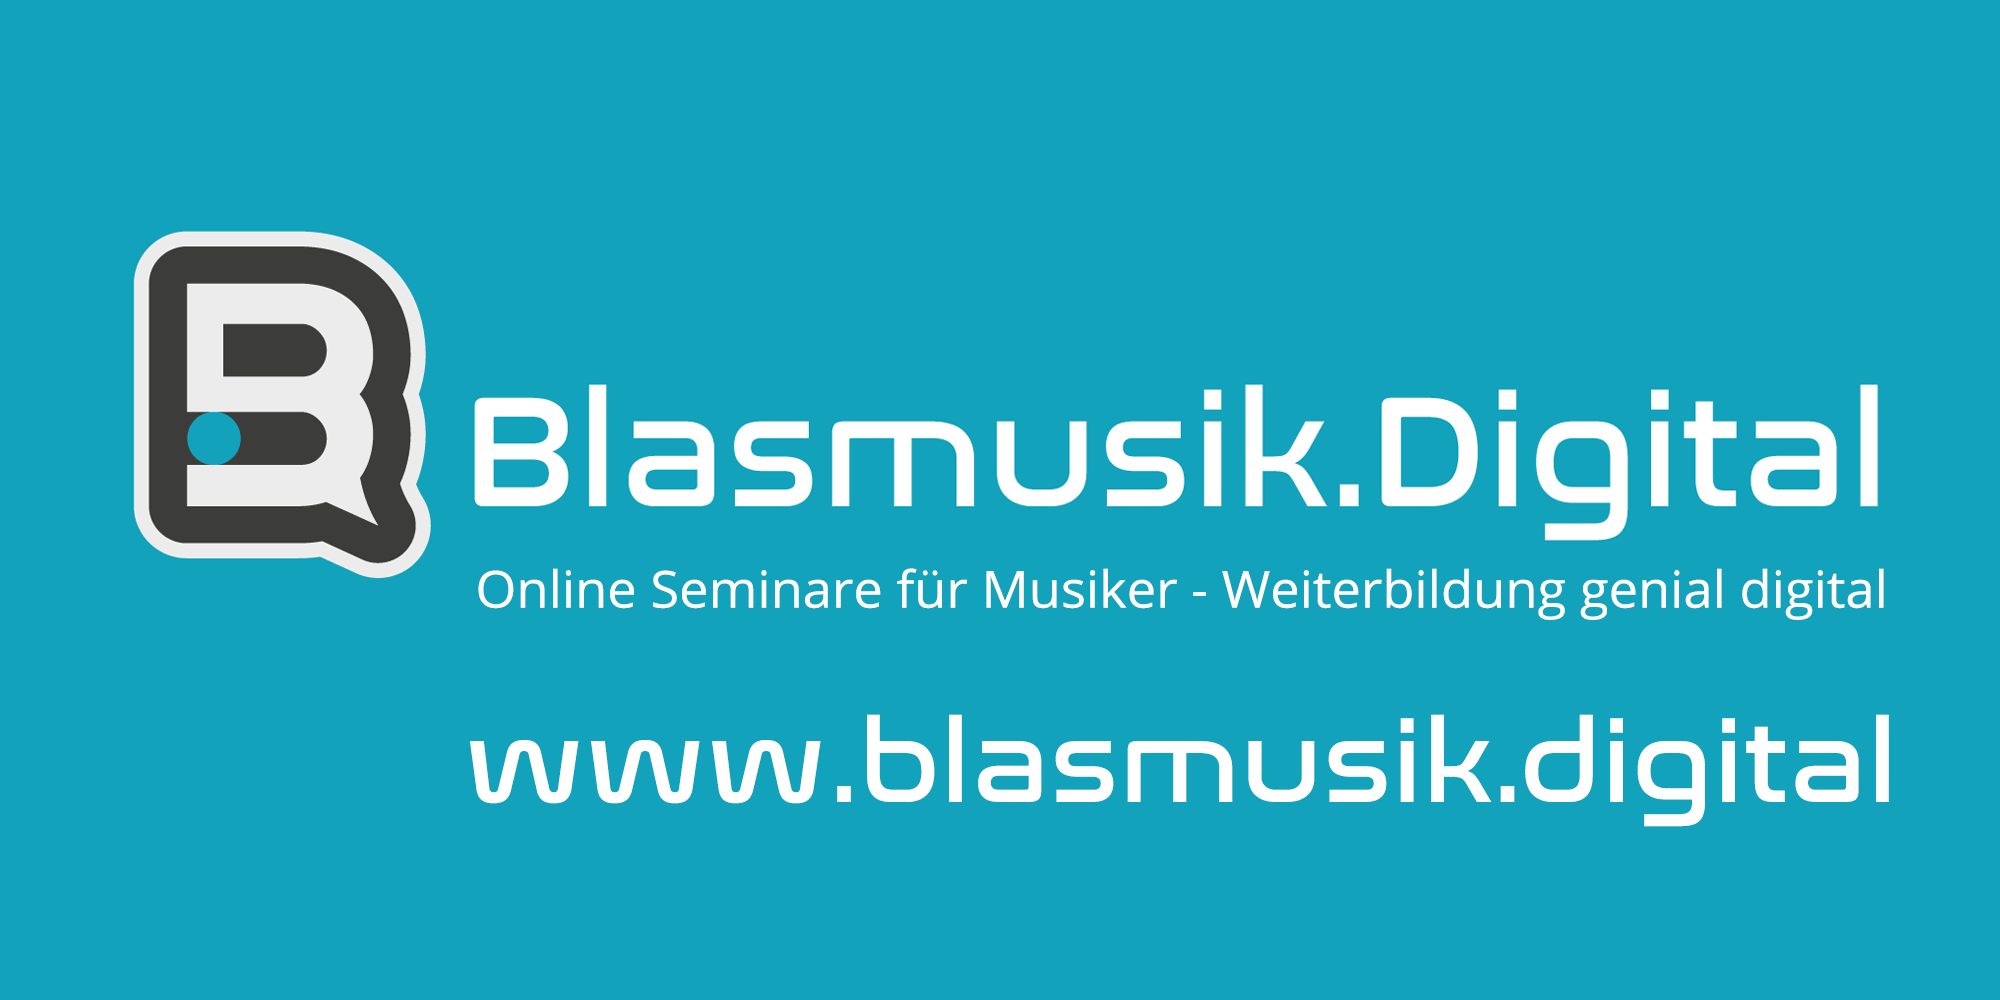 BDB Online Akademie auf der Plattform Blasmusik.Digital unter www.blasmusik.digital